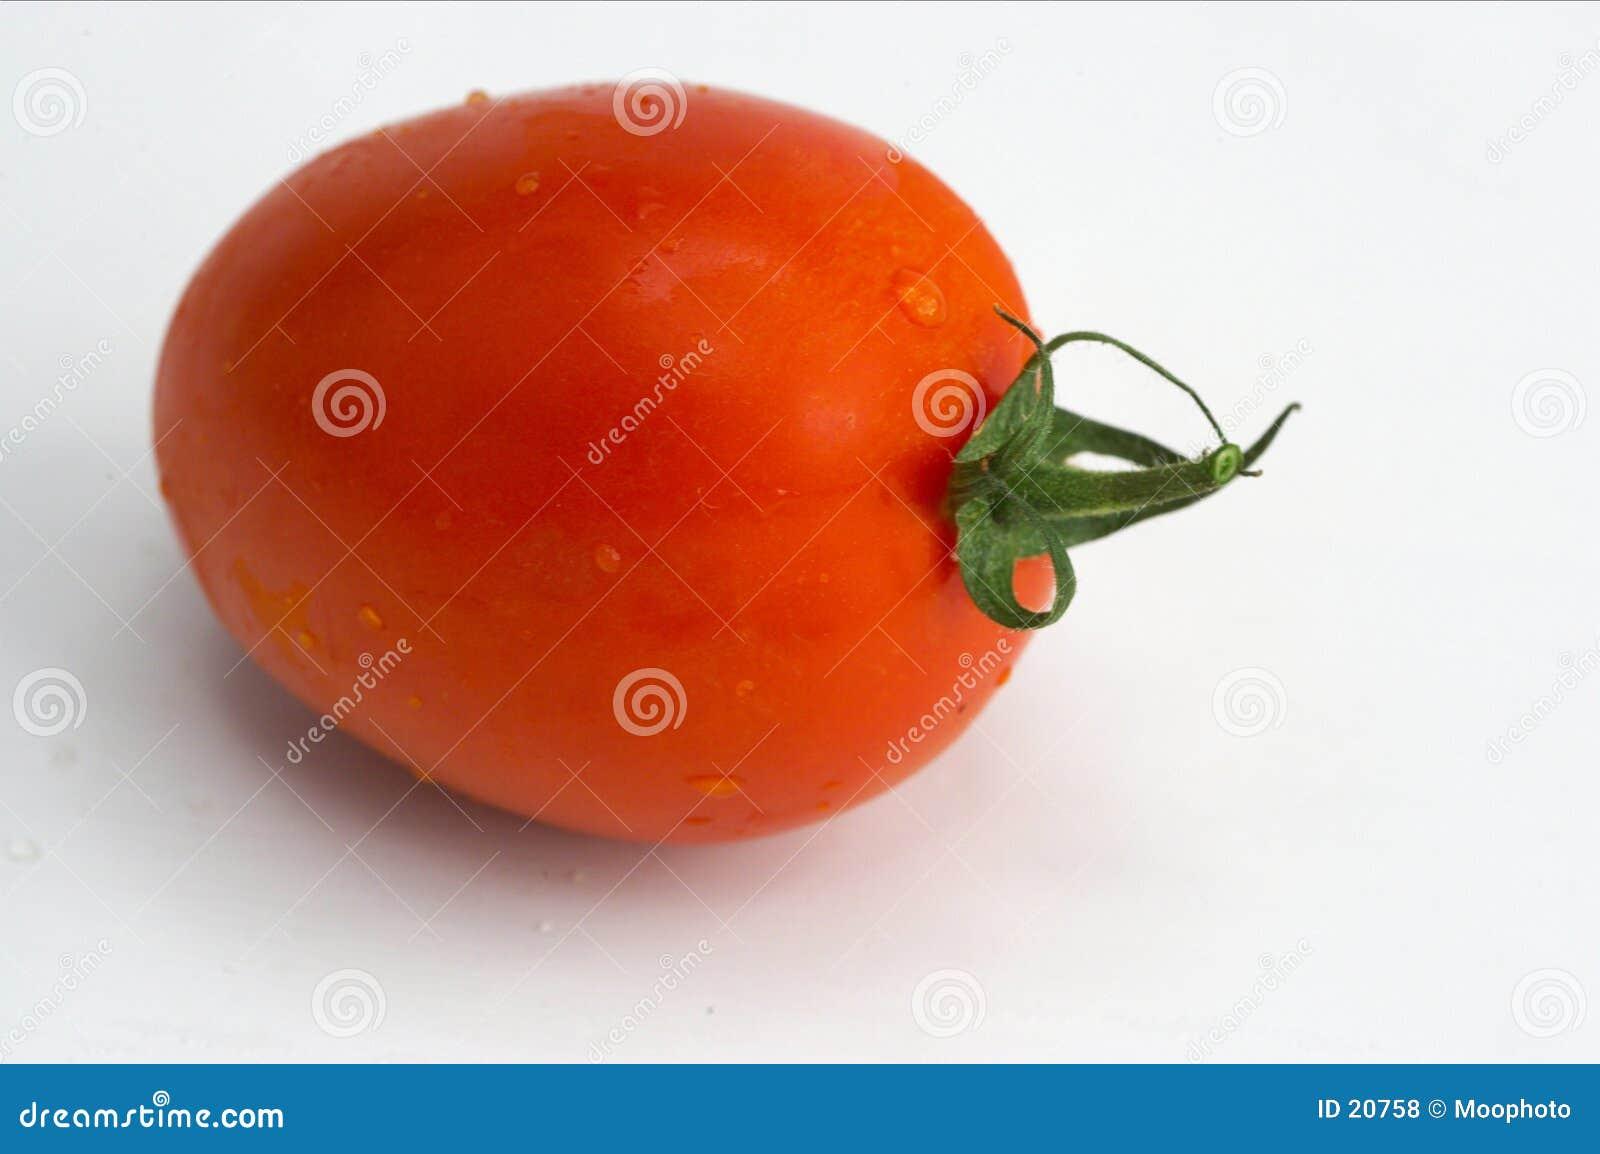 Tomatoe roma